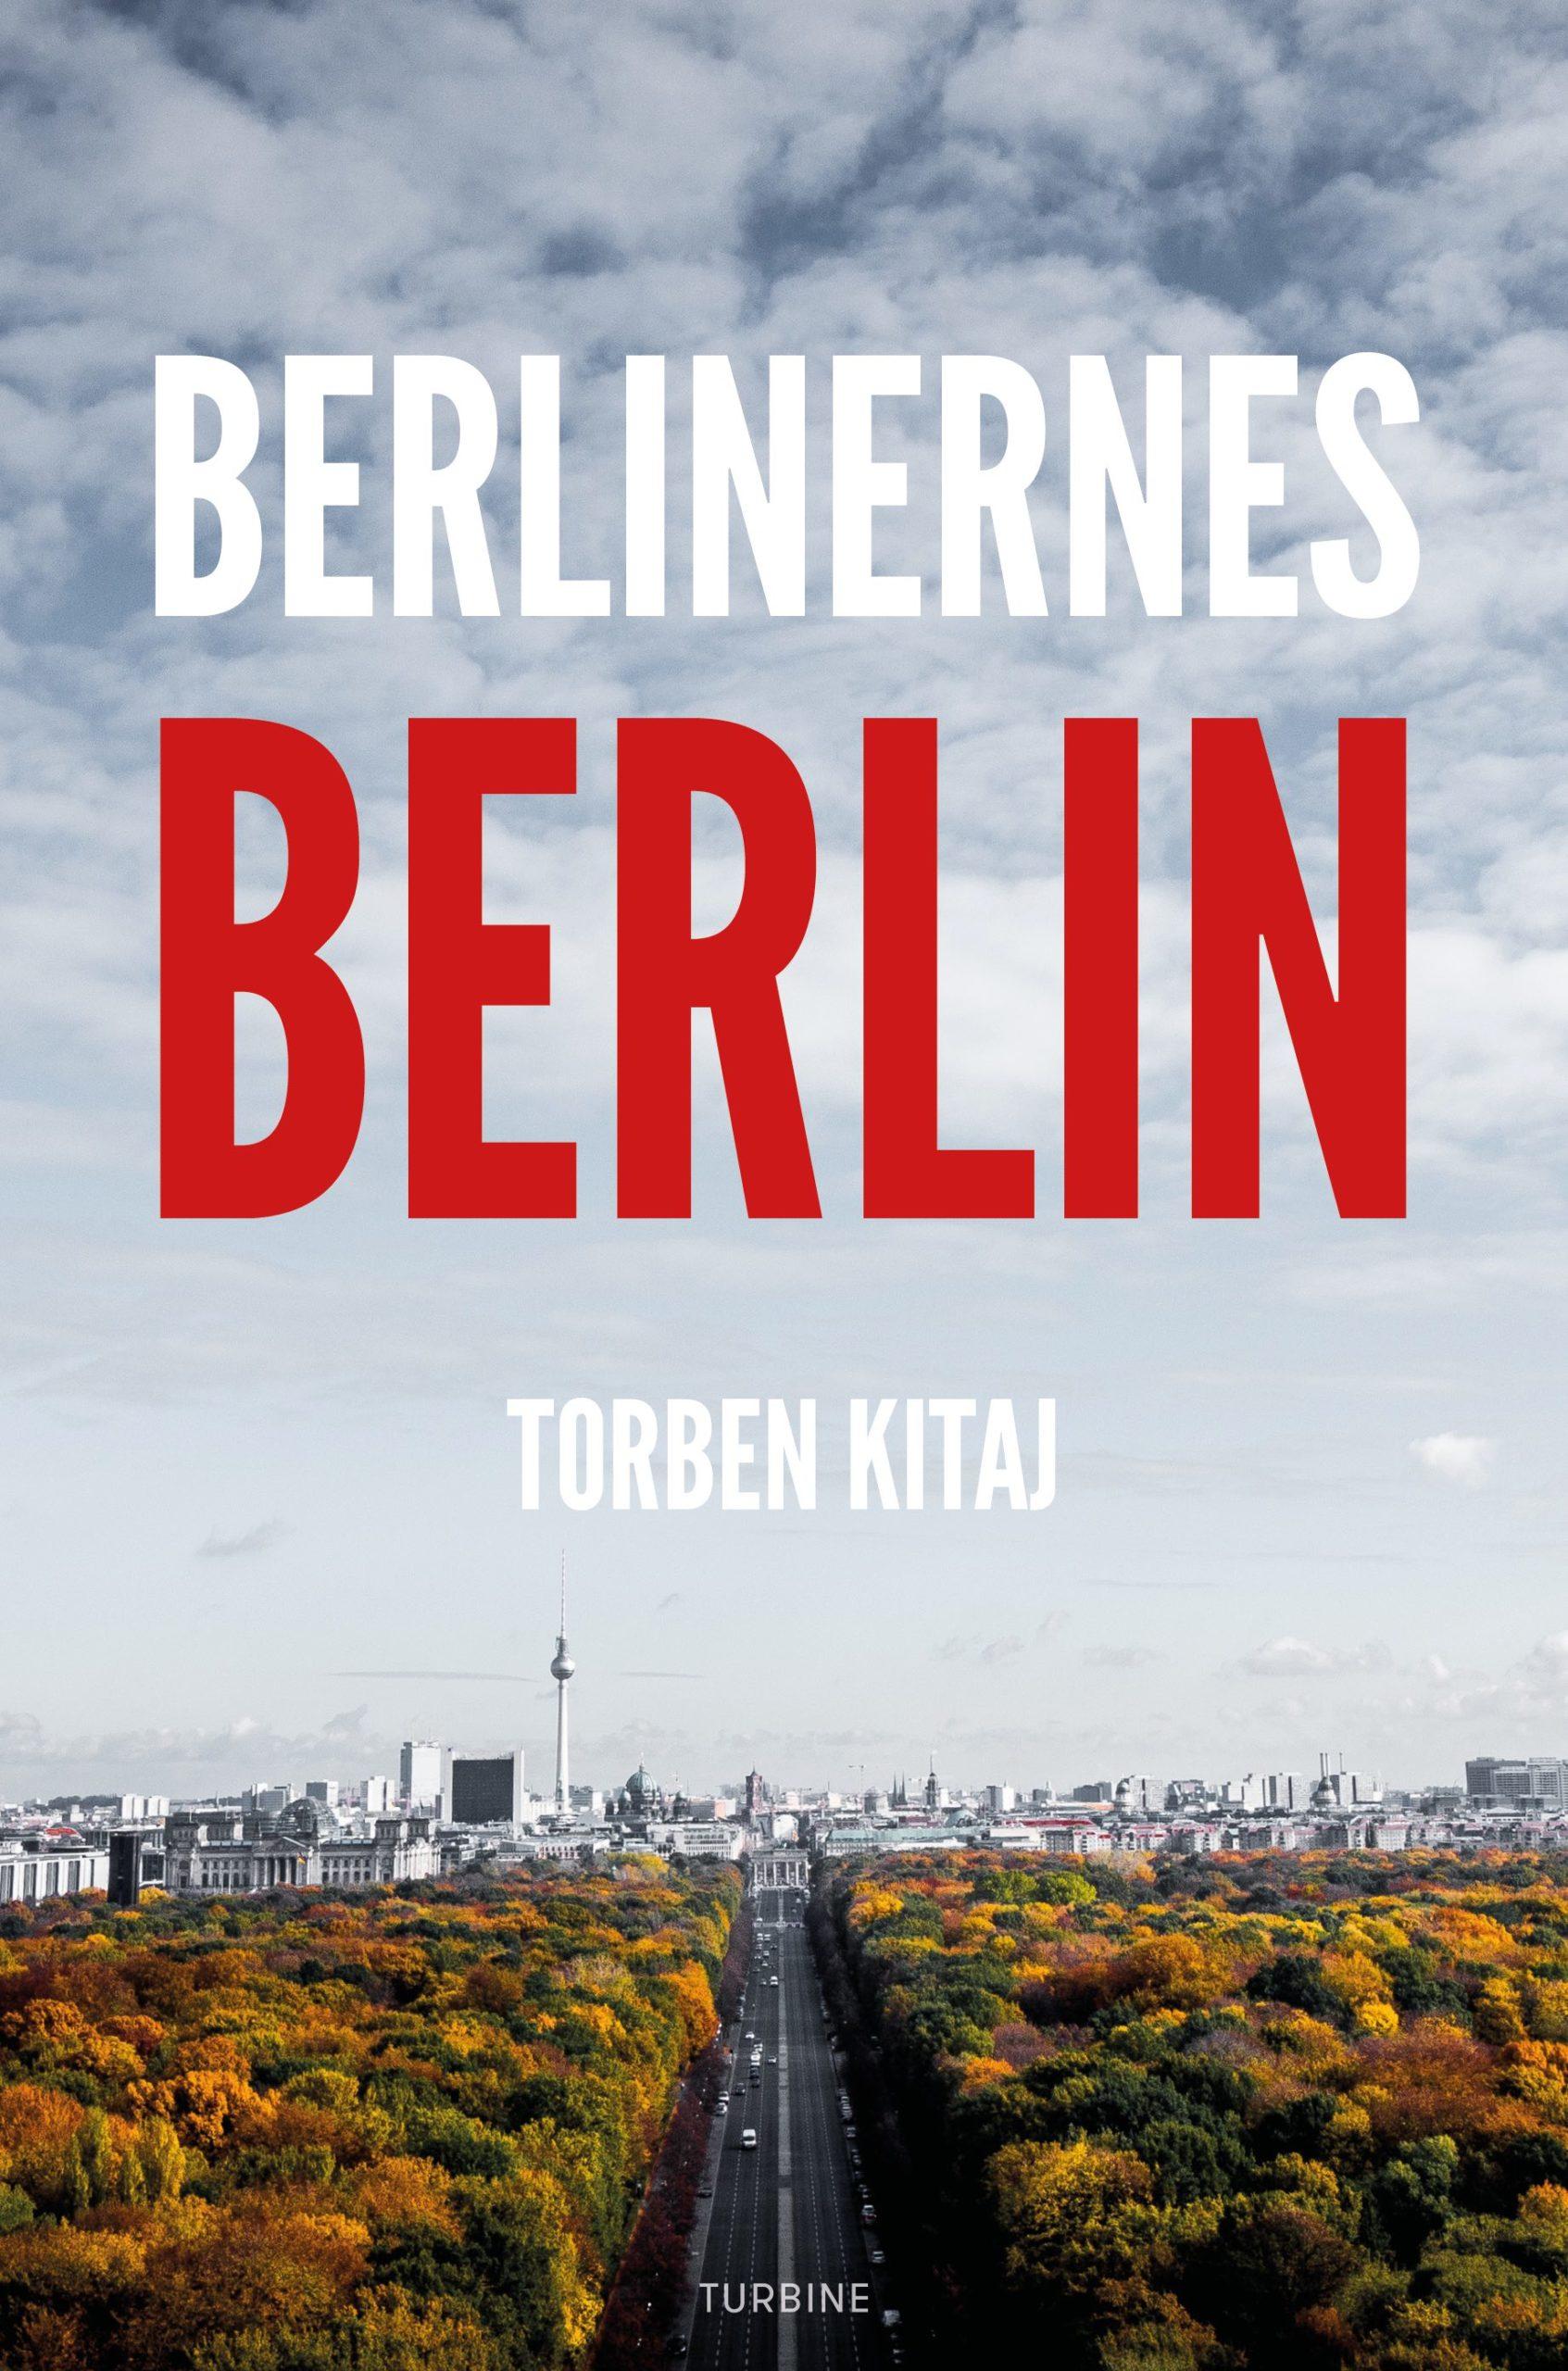 Torben_Kitaj